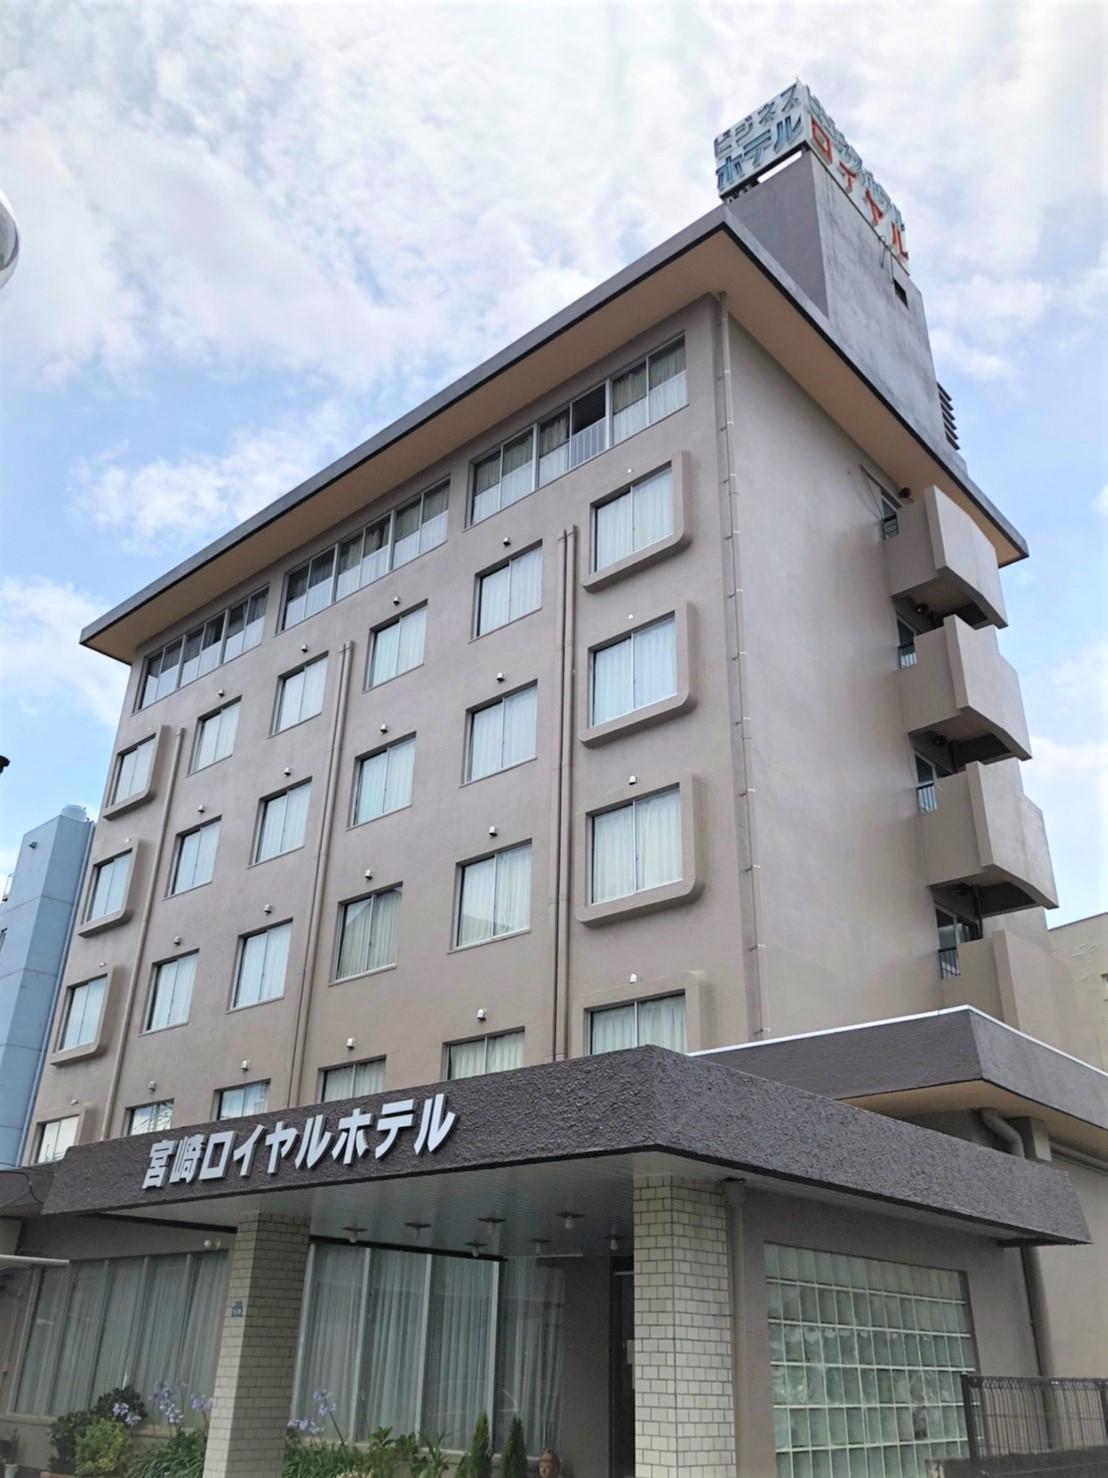 ビジネス宮崎ロイヤルホテル